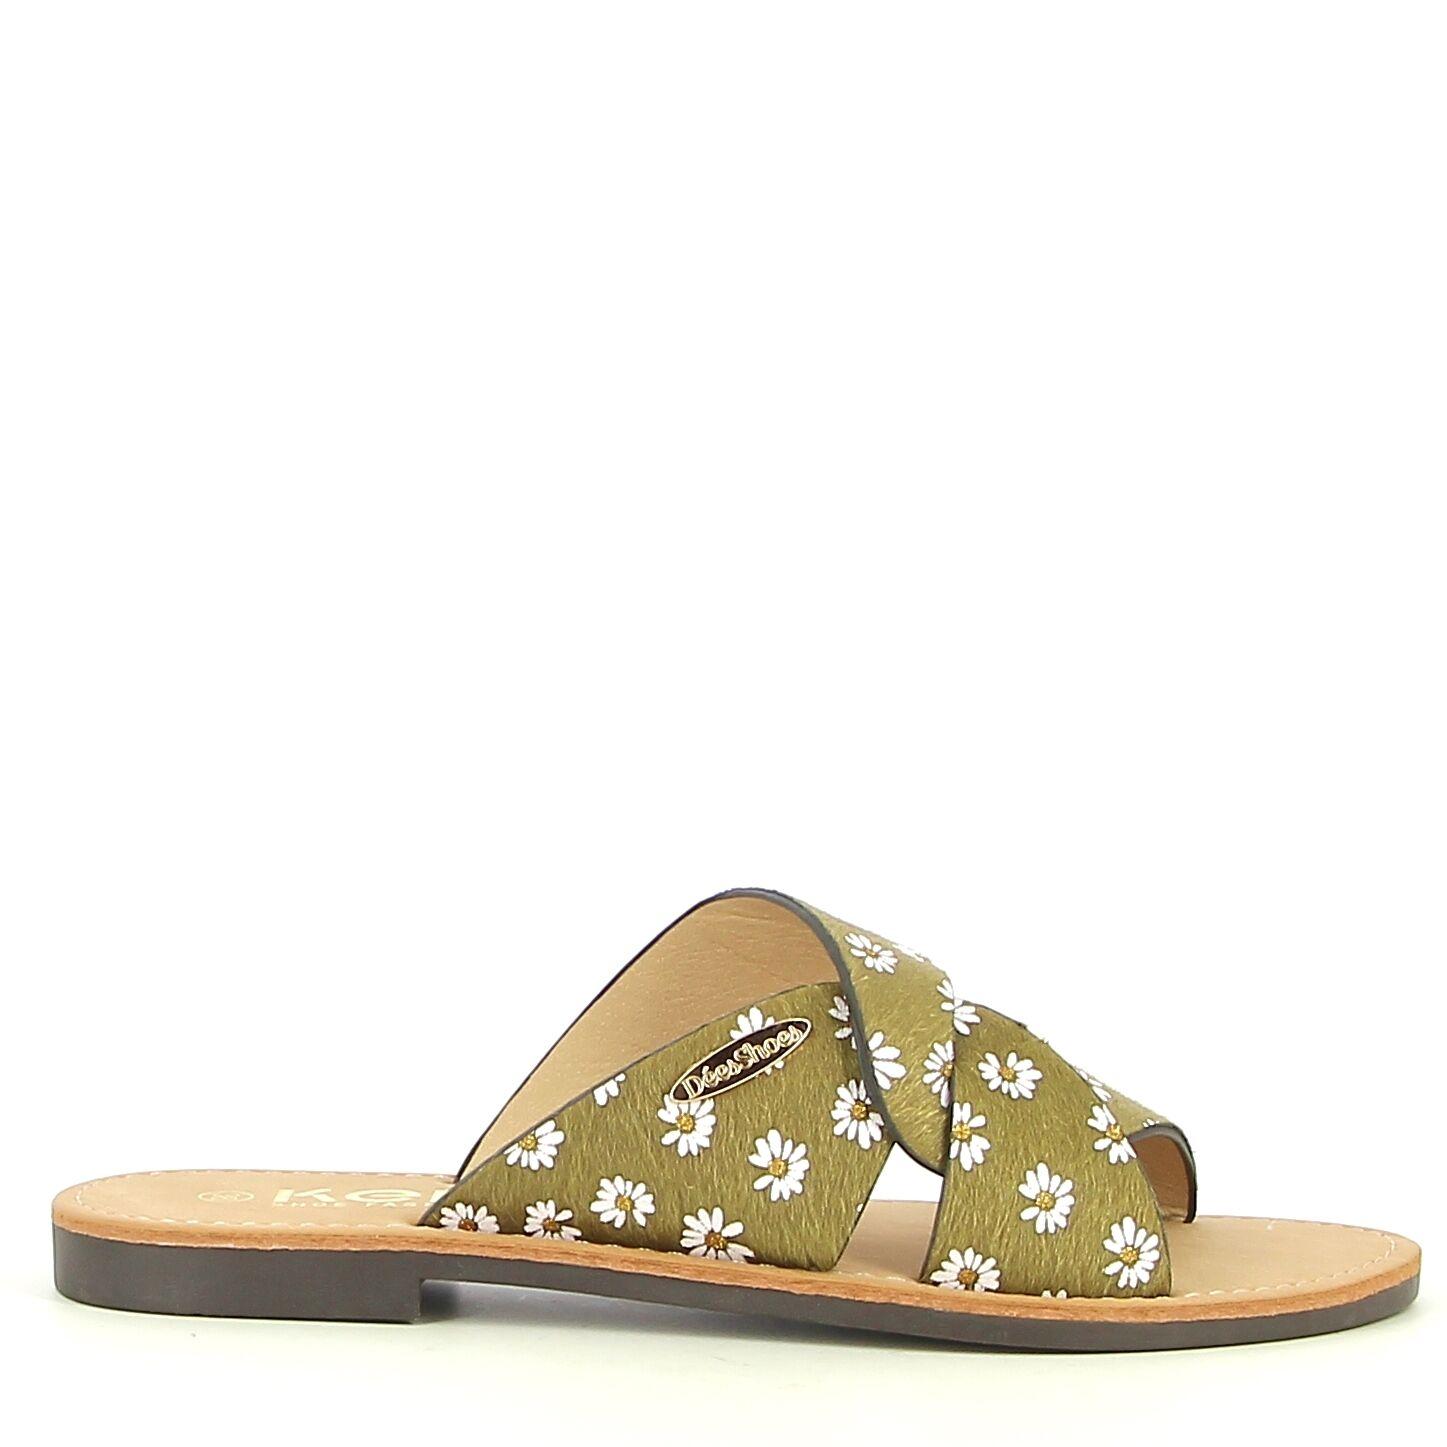 Ken Shoe Fashion - Nu-Pieds - Kaki/Motif Fleuri